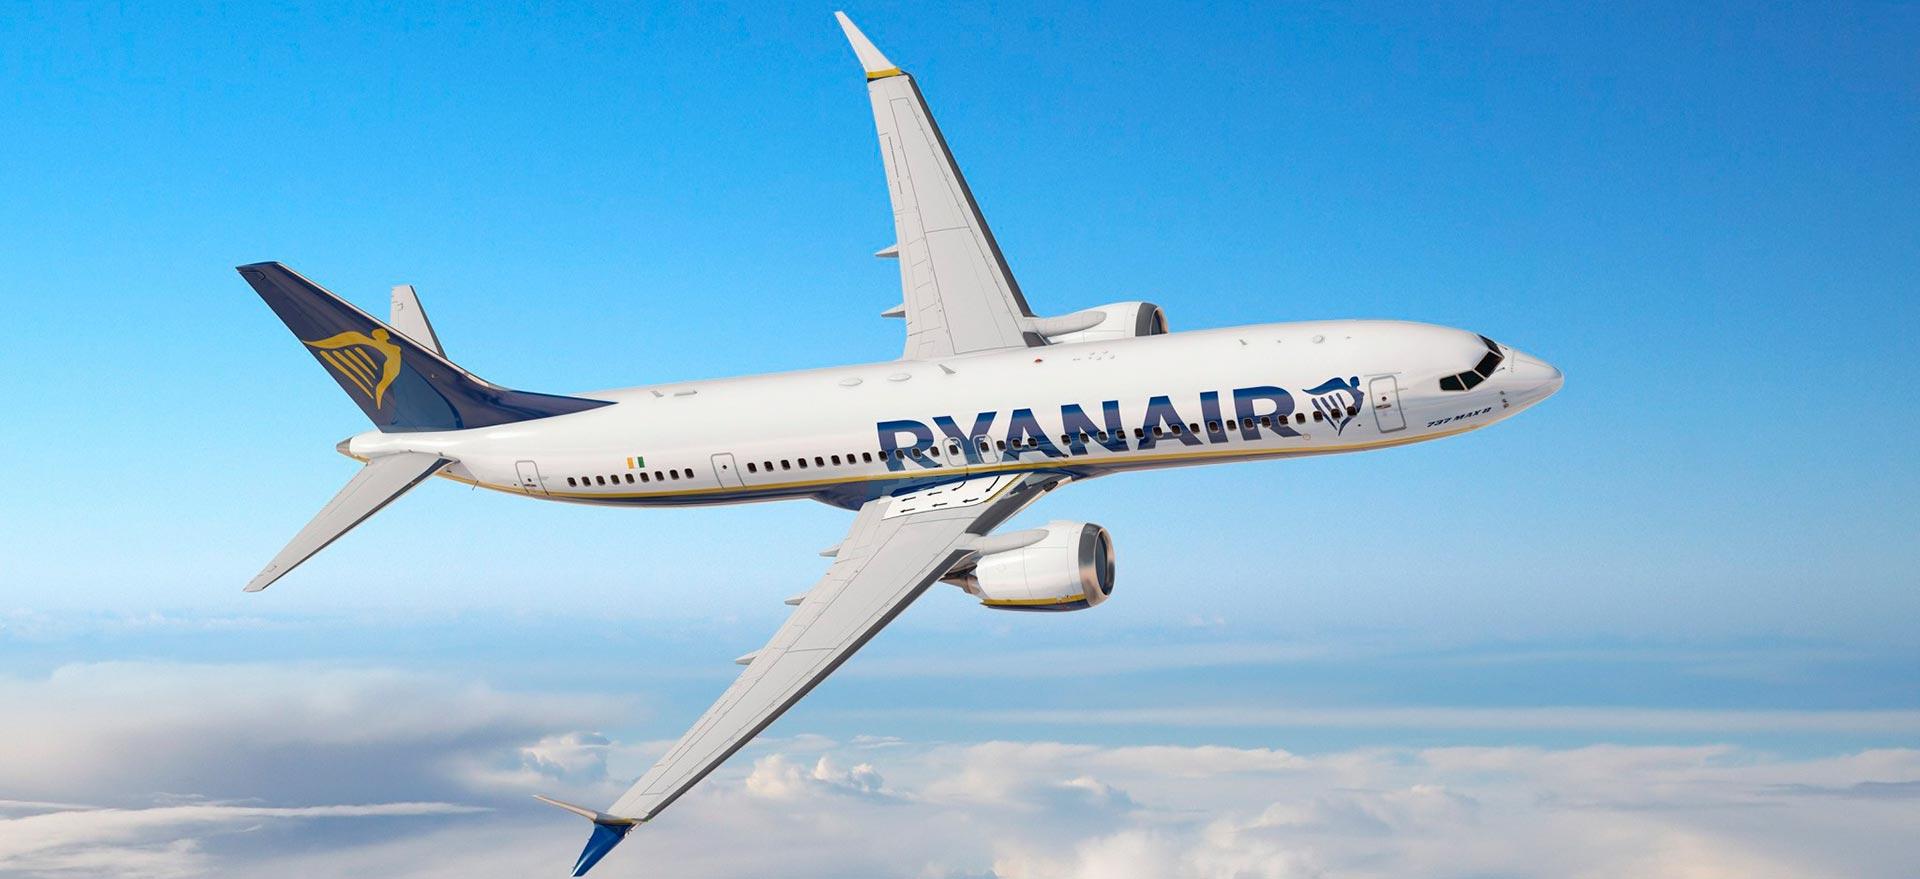 Ryanair-ek Boeing 737 Max izena 737-8200-ra aldatu zuen.  Zer kontatzen da ez dugula lortzen?